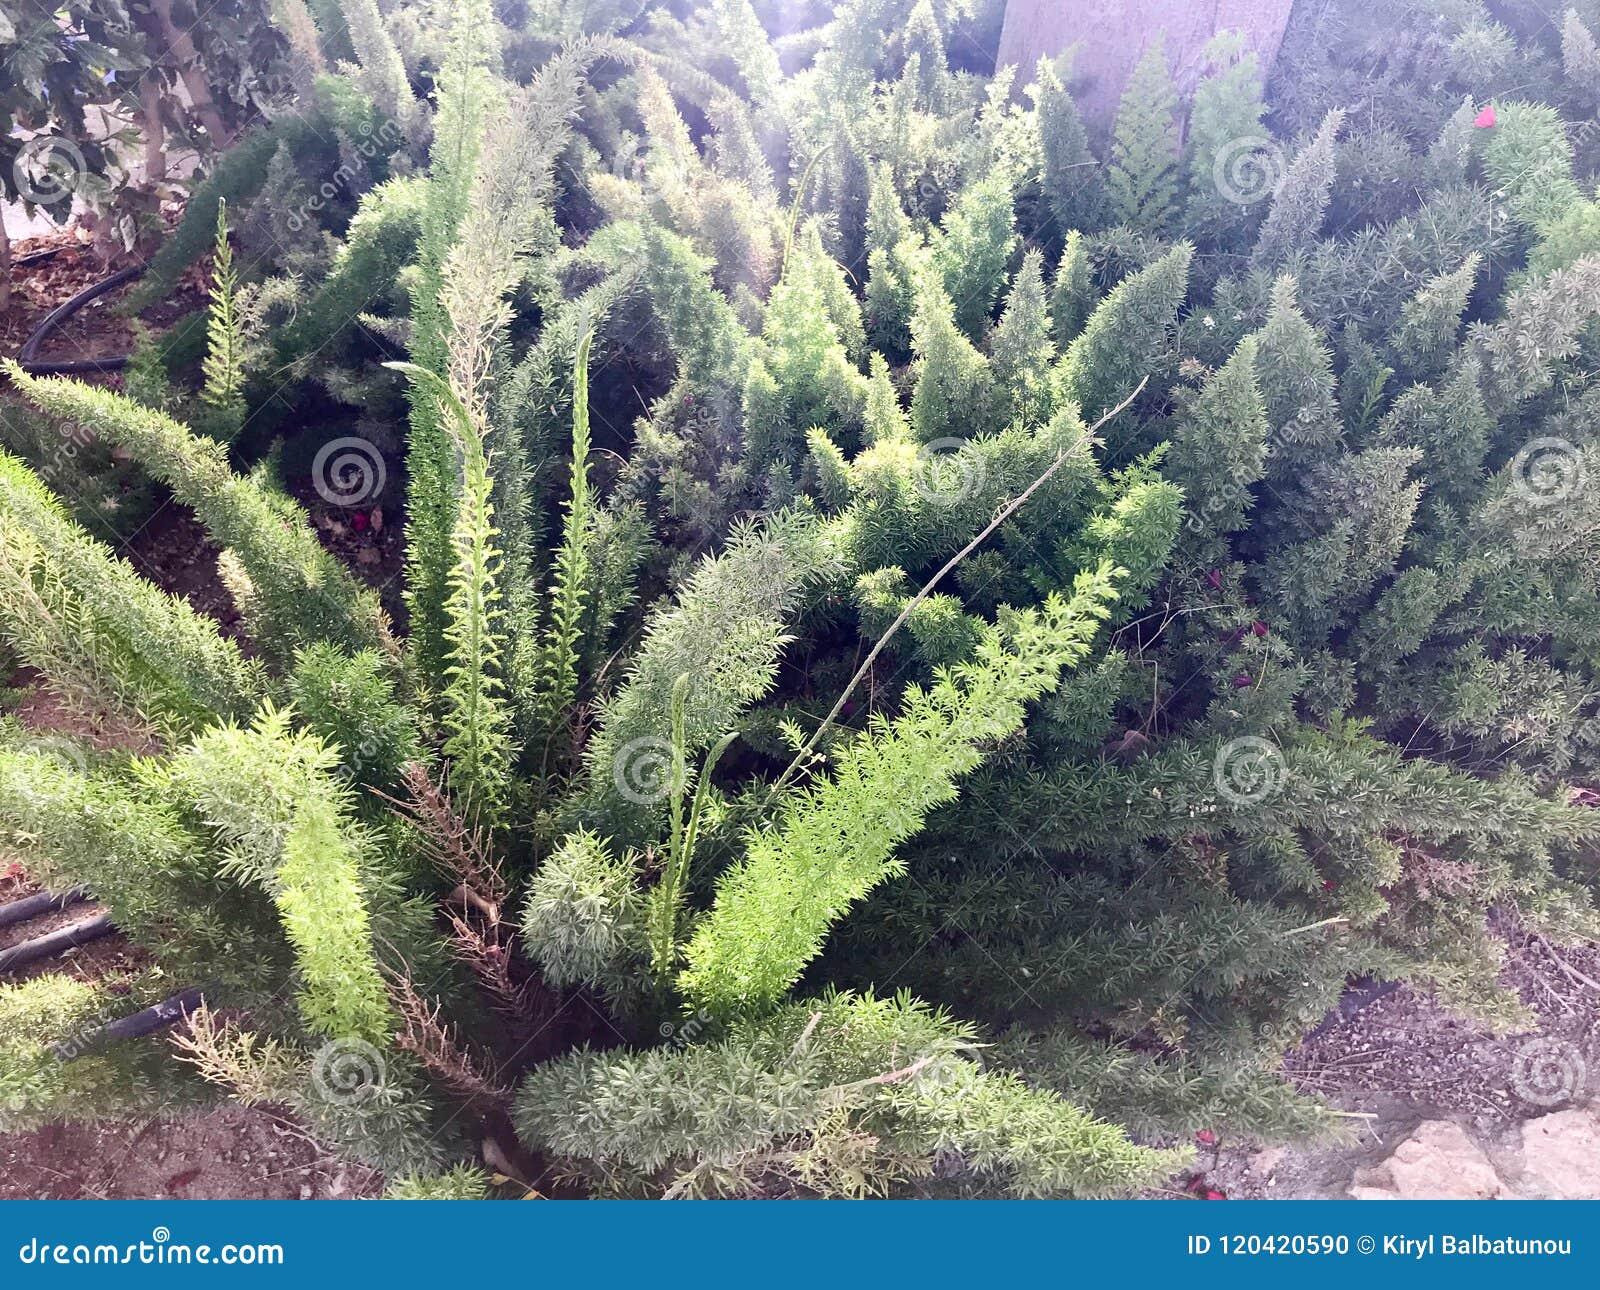 Botanique naturel d usine pelucheuse verte avec de longues feuilles comme tropical exotique rare peu commun d épines de la flore